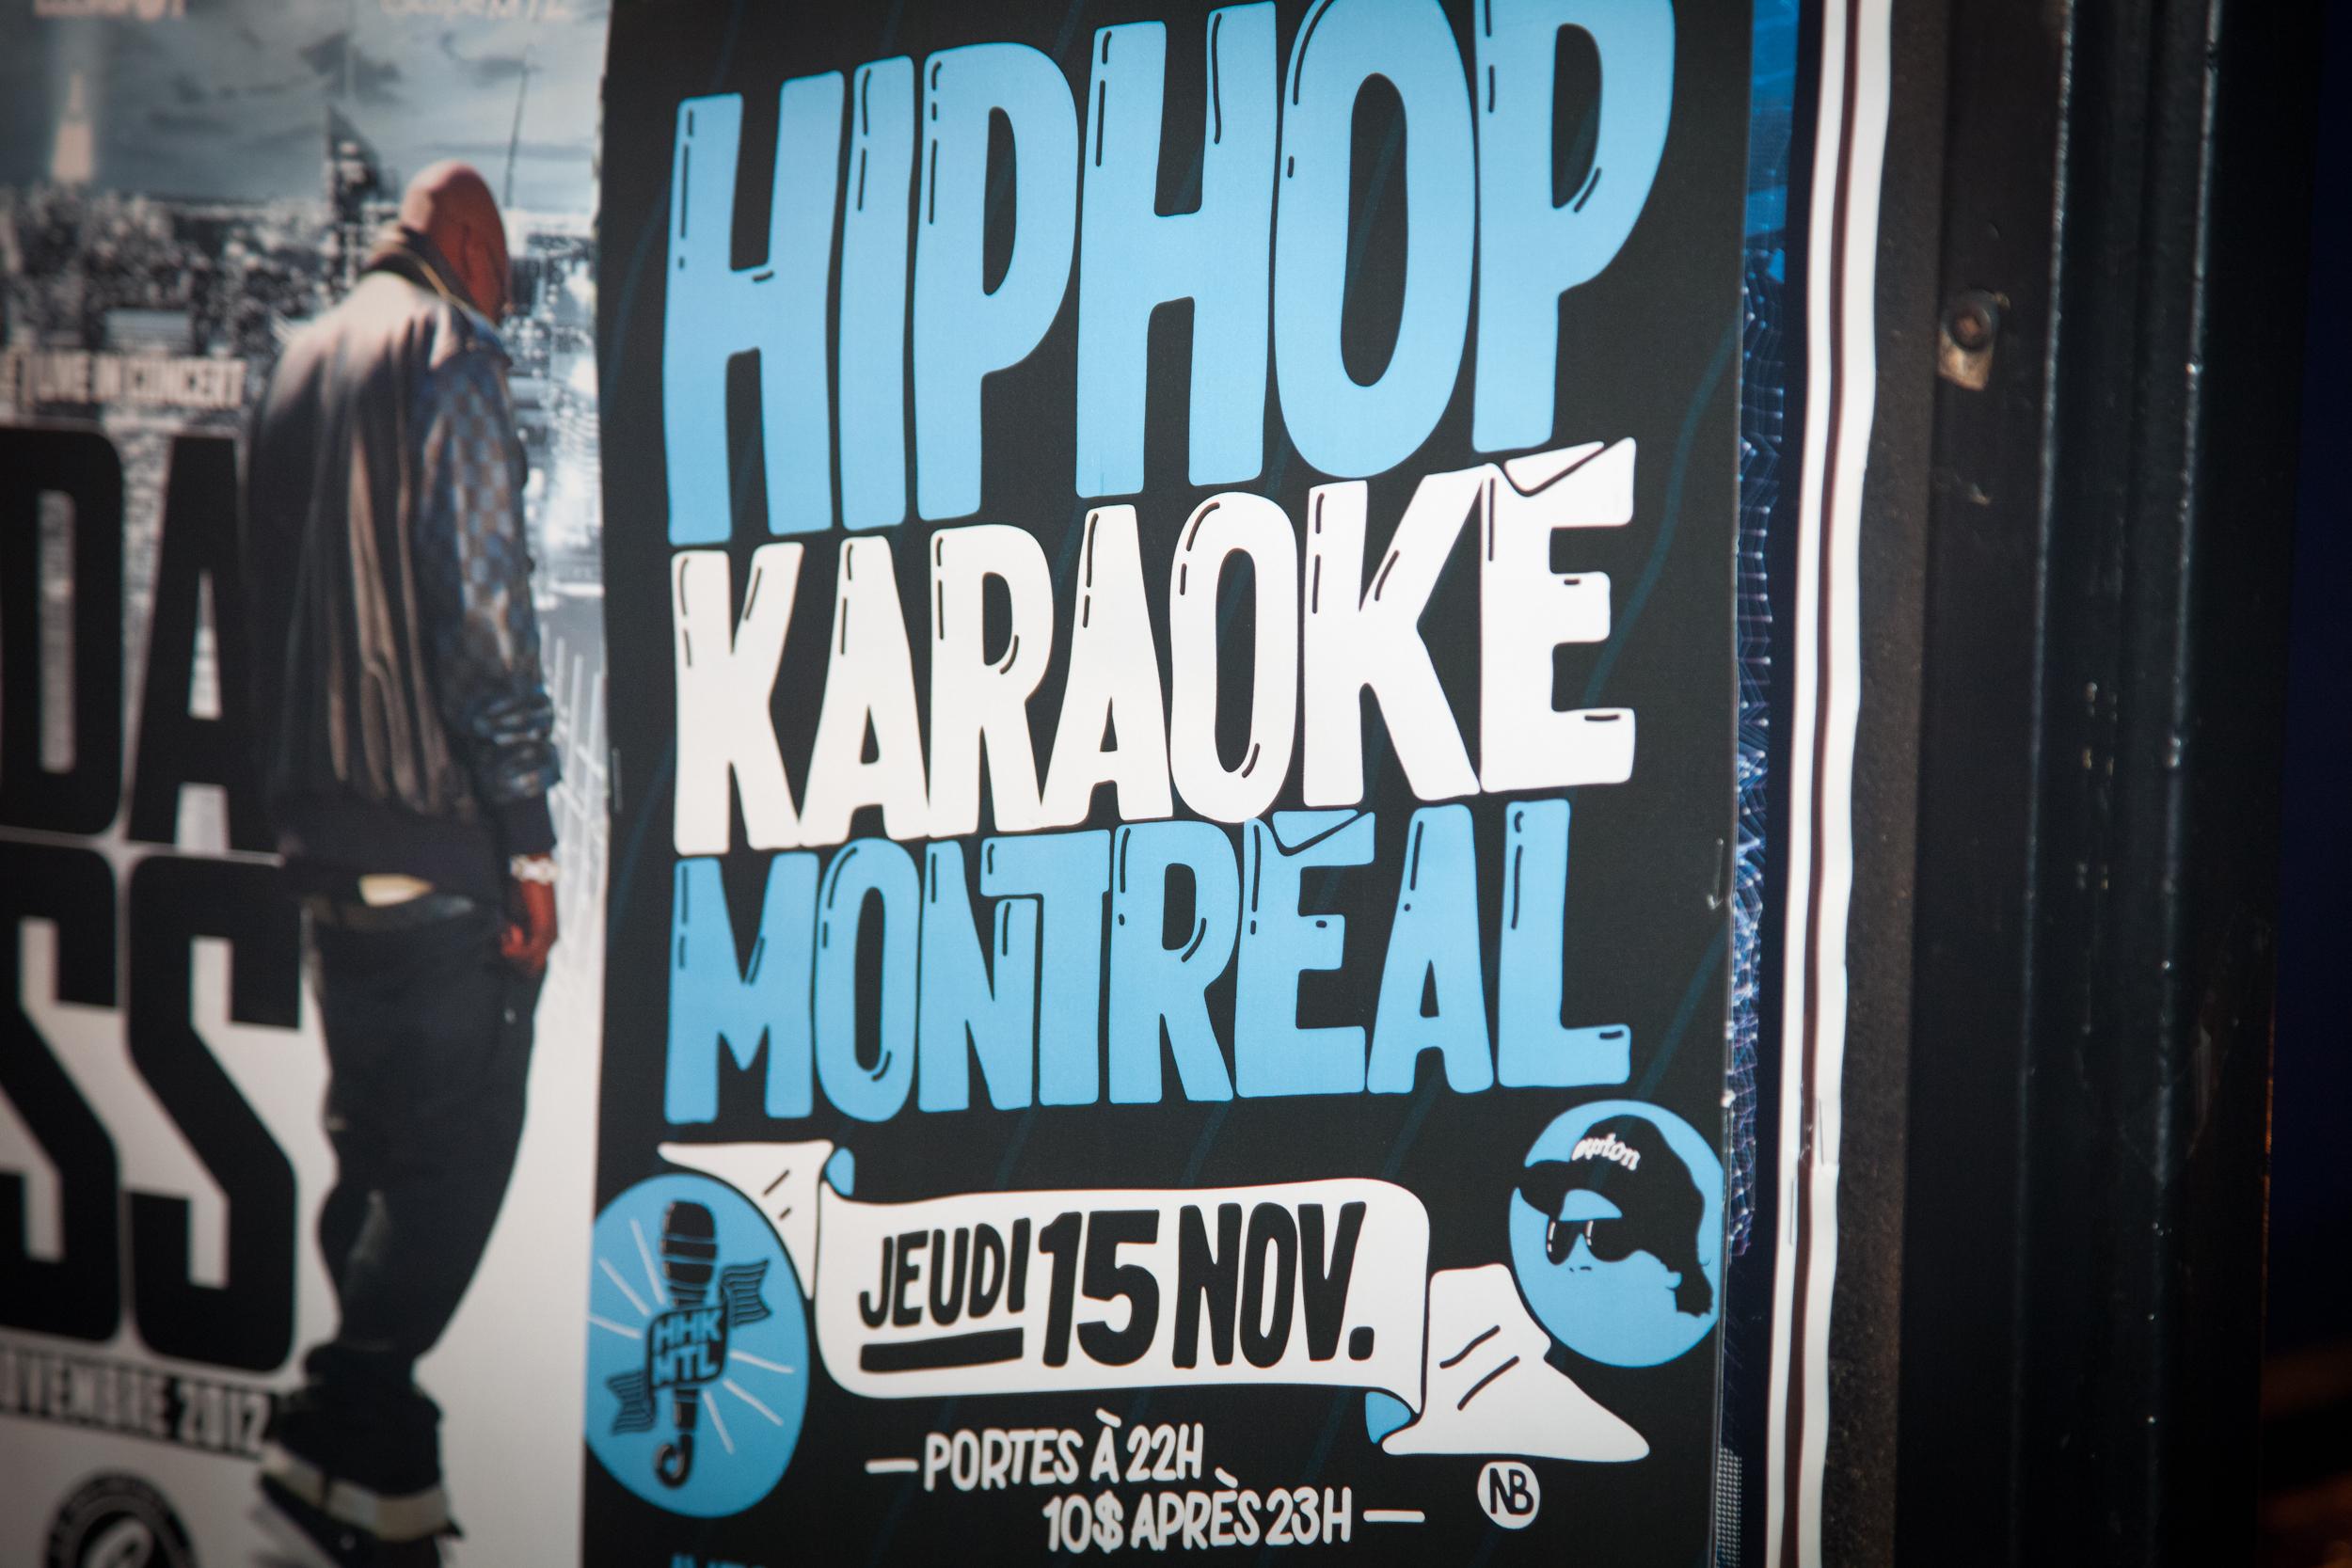 Pour toi qui rêve de devenir une star de Hip Hop (Karaoke) !